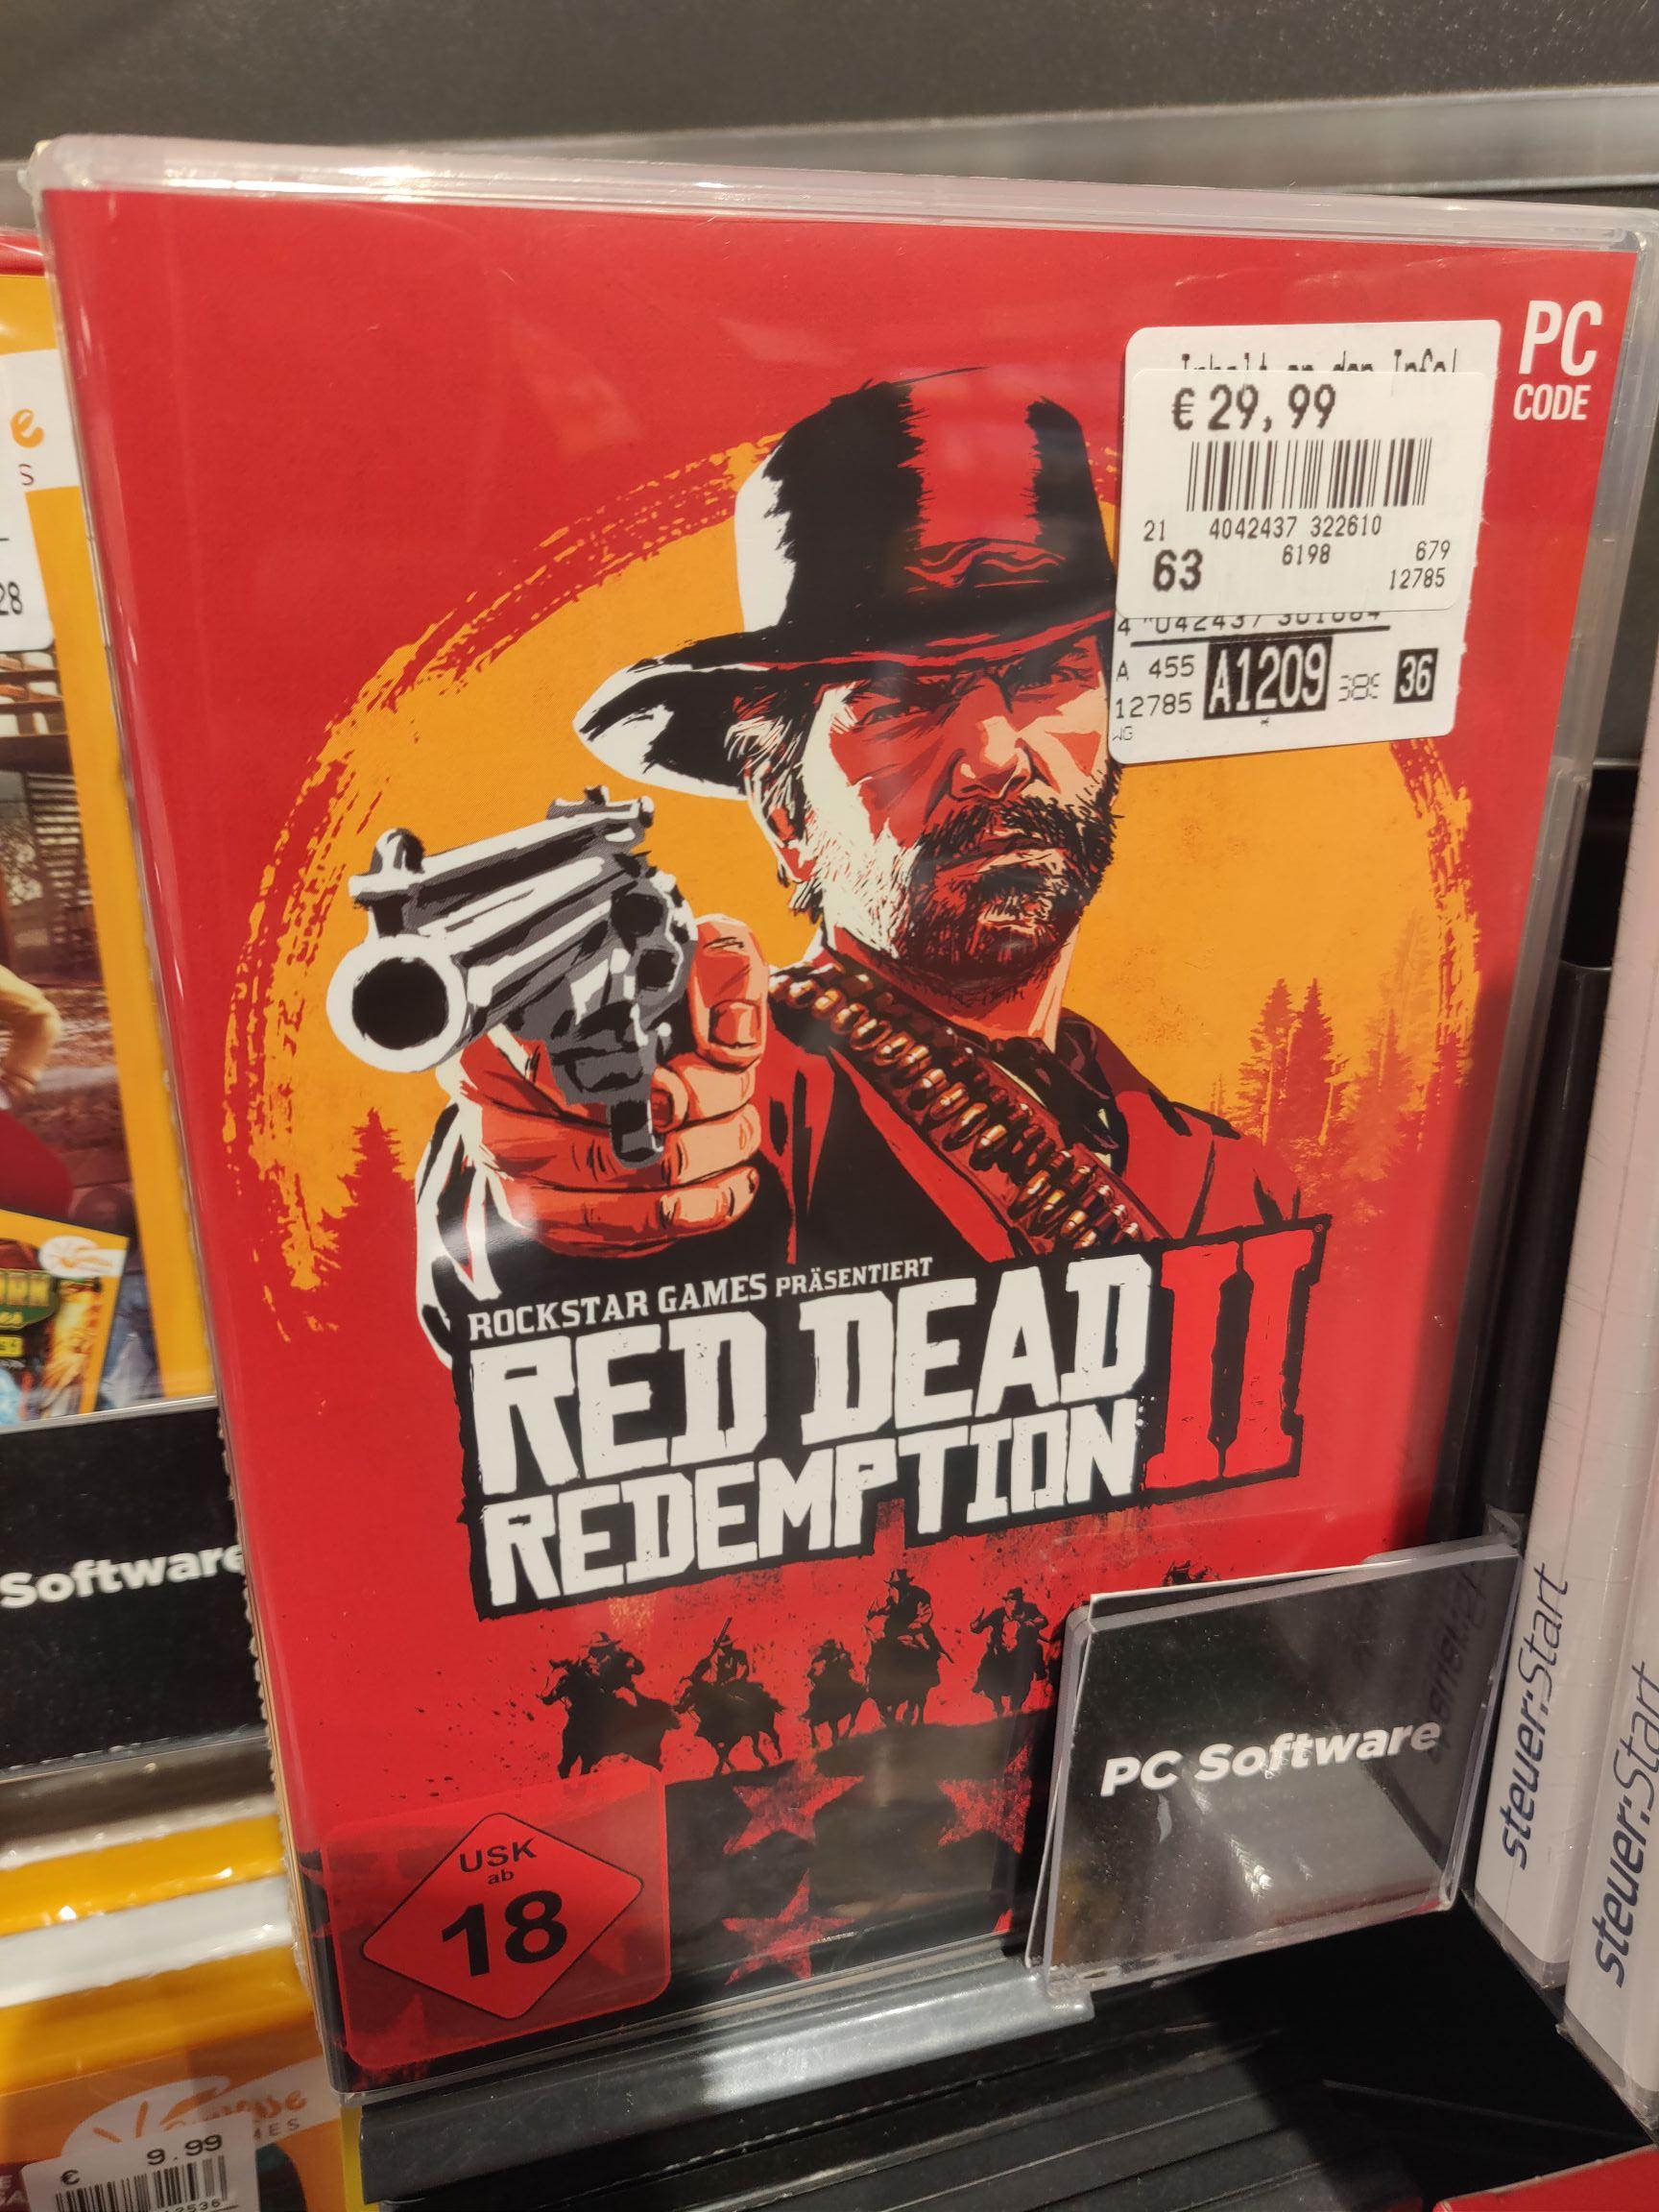 Red Dead Redemption 2 PC 29,99€ (RDR2) Stralsund